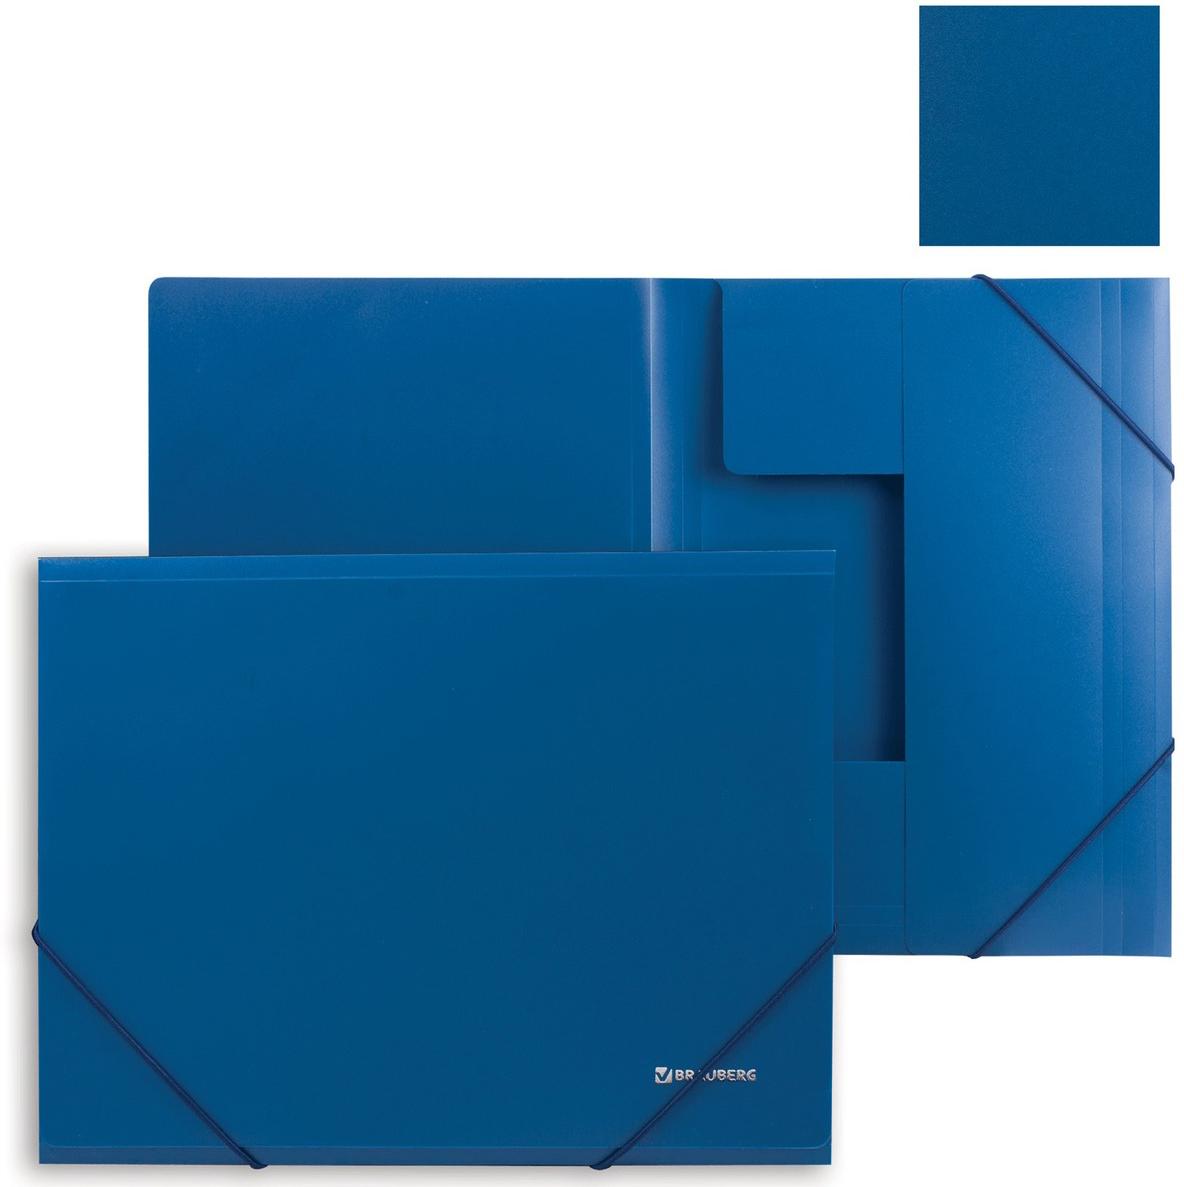 Brauberg Папка на резинках Стандарт цвет синий 221623221623Предназначена для хранения документов. Клапаны папки надежно удерживают документы внутри. Резинки плотно закрывают папку. Изготовлена из плотного непрозрачного пластика.